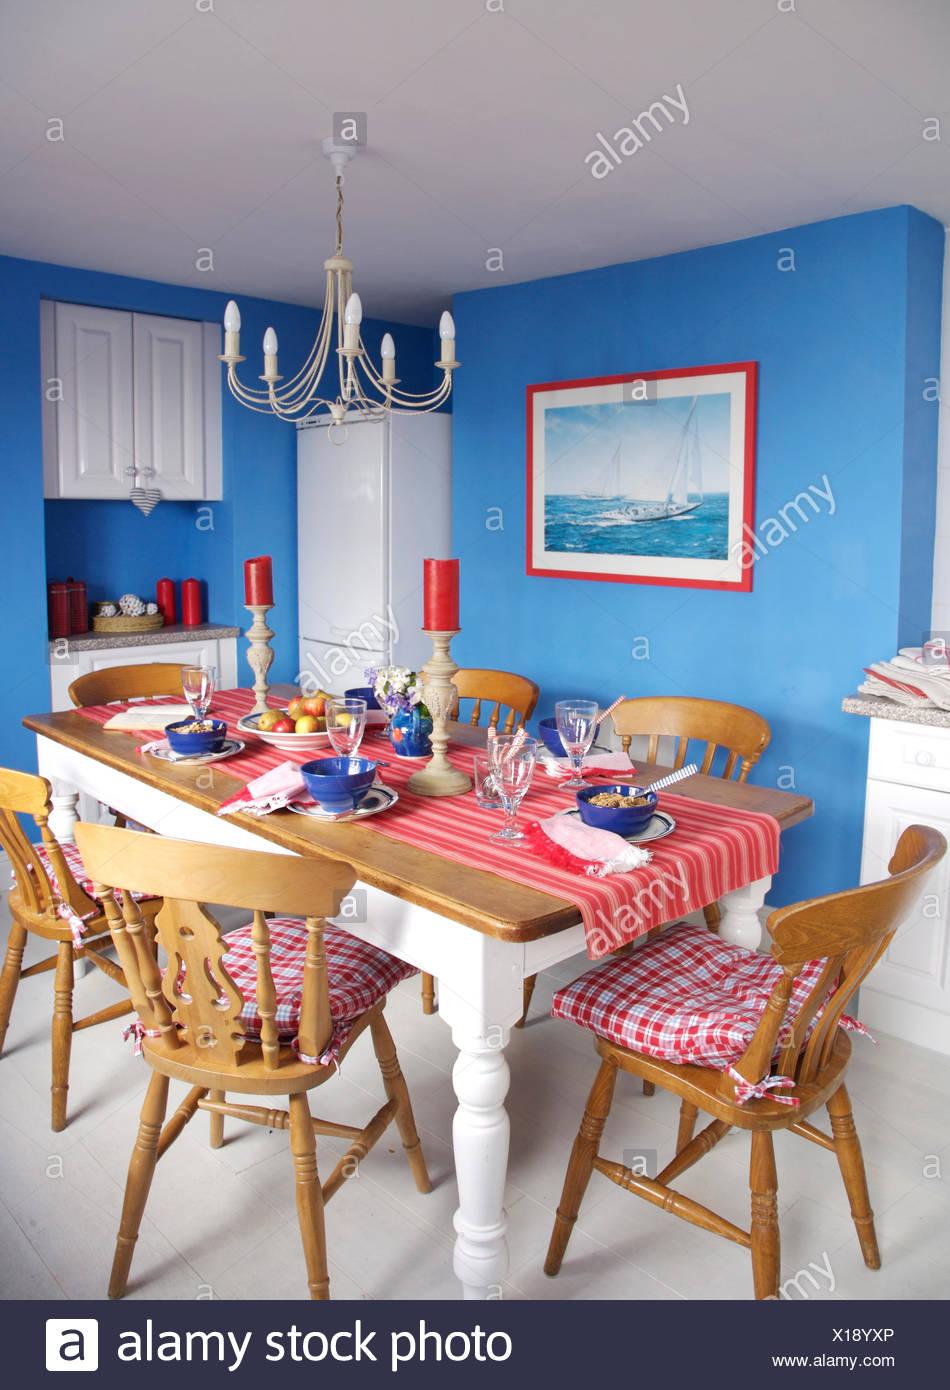 Comprobar rojo cojines sillas de madera pintadas en azul en la mesa ...